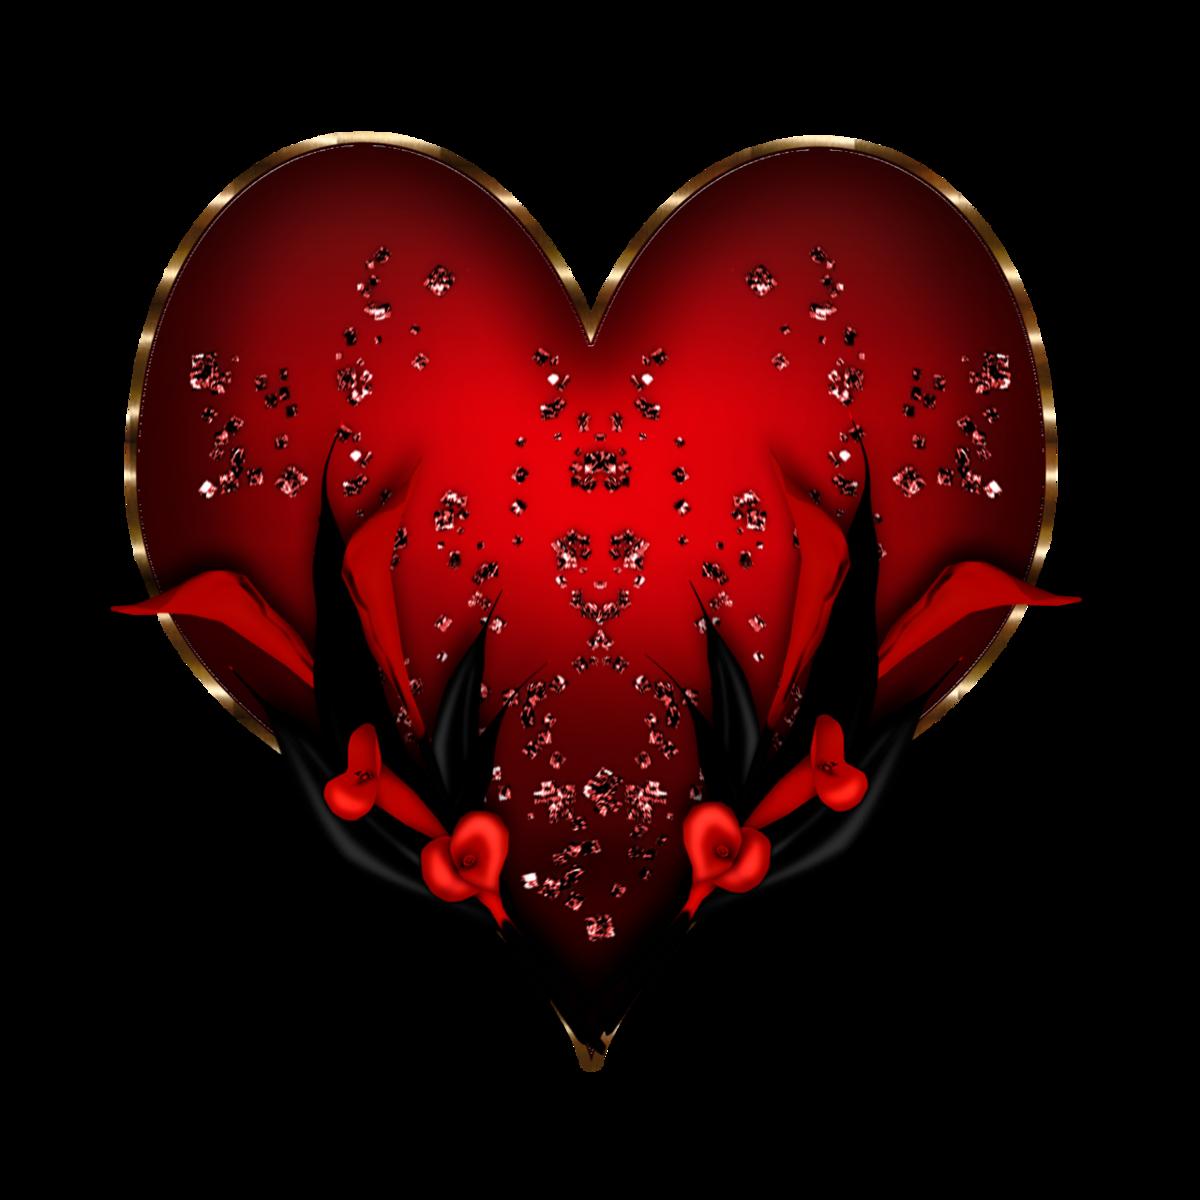 Картинки сердечки с анимации